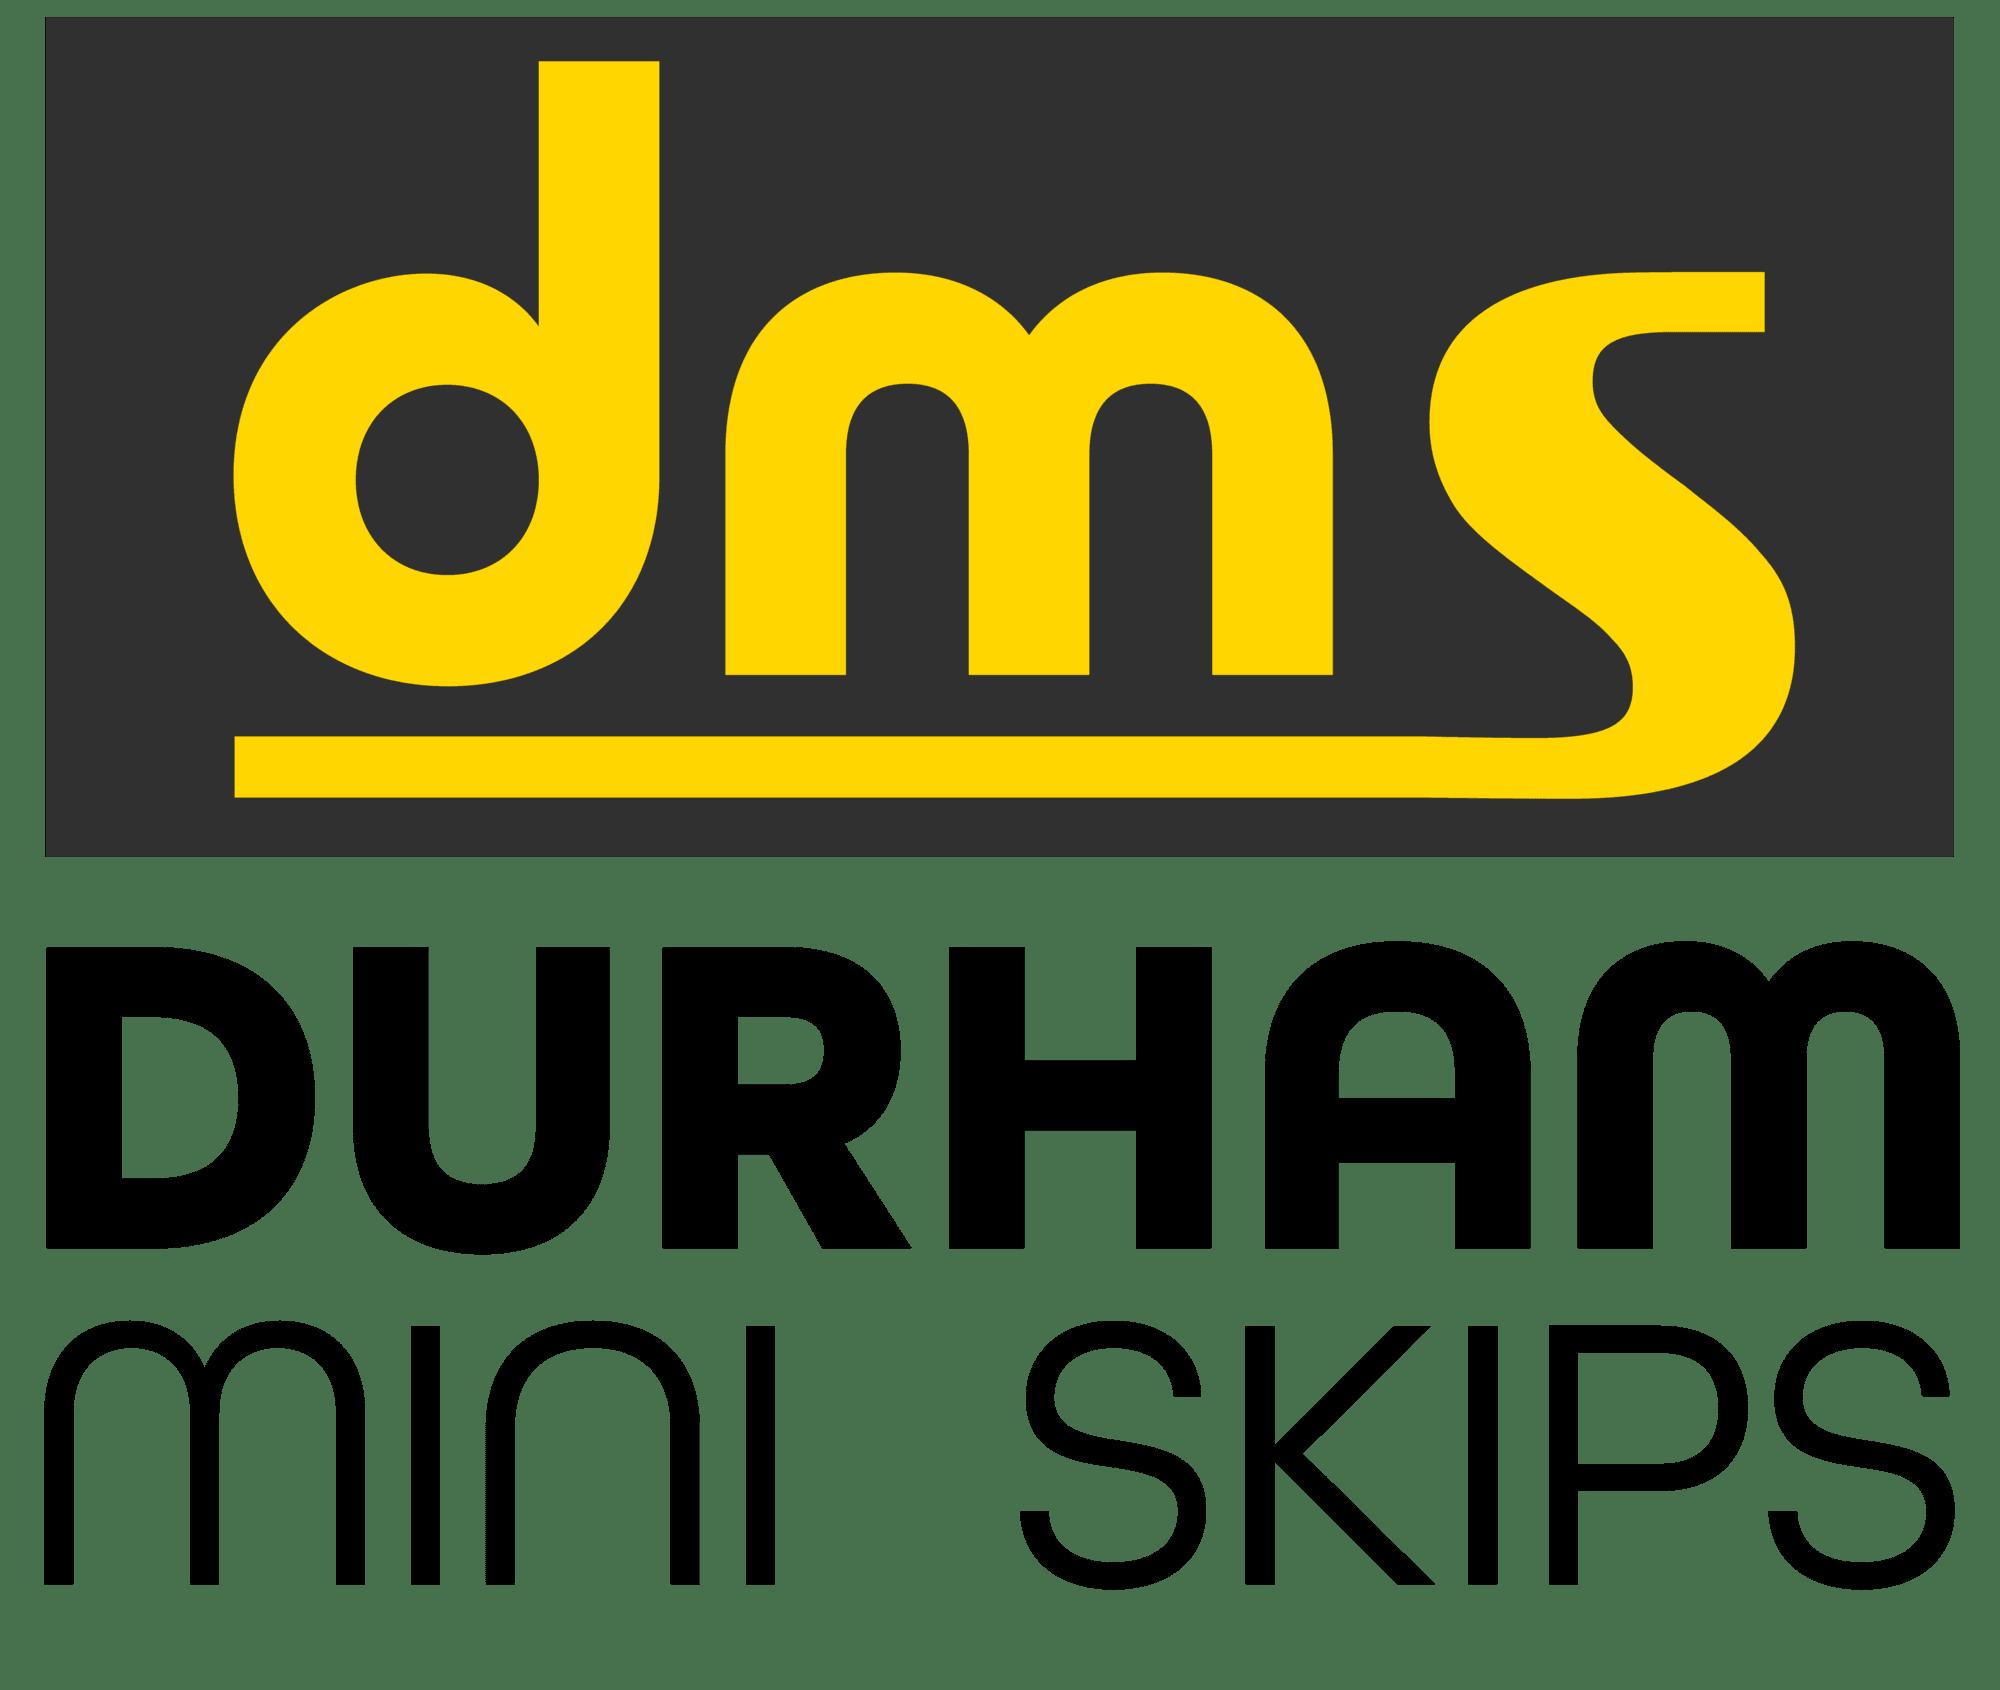 Durham Mini Skips